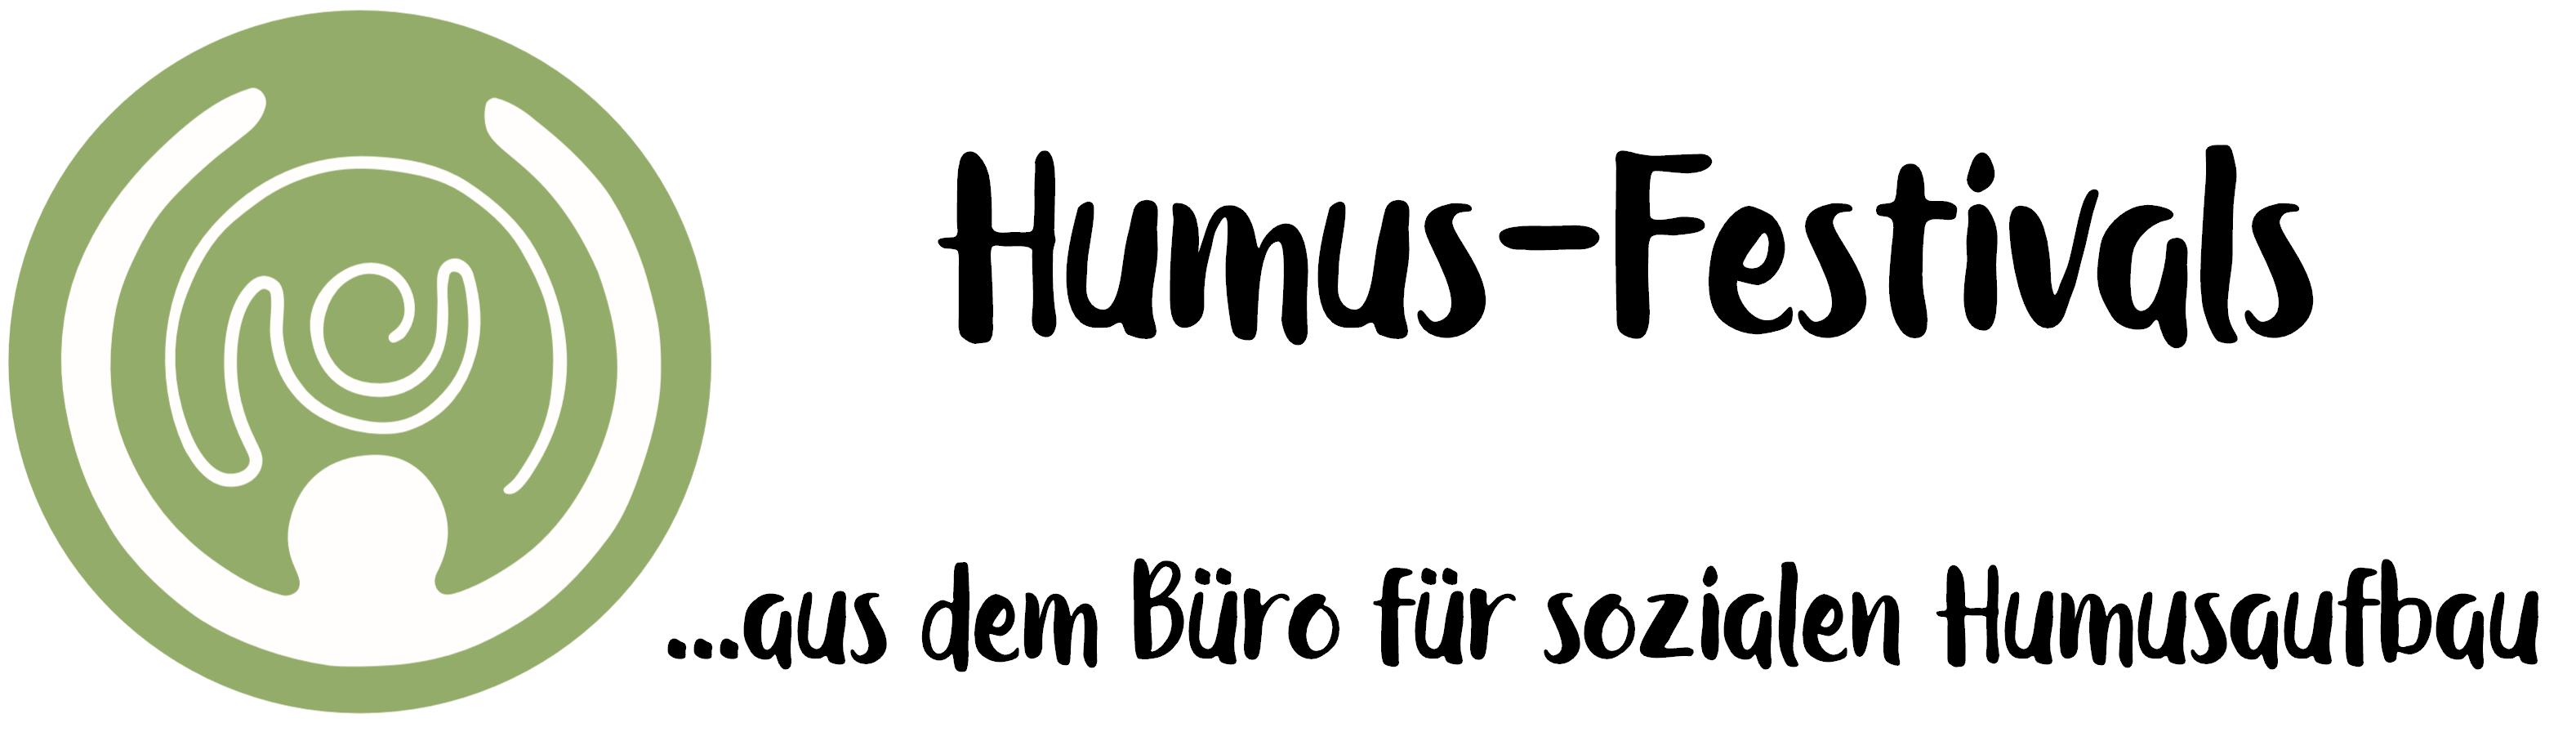 Humus-Festivals